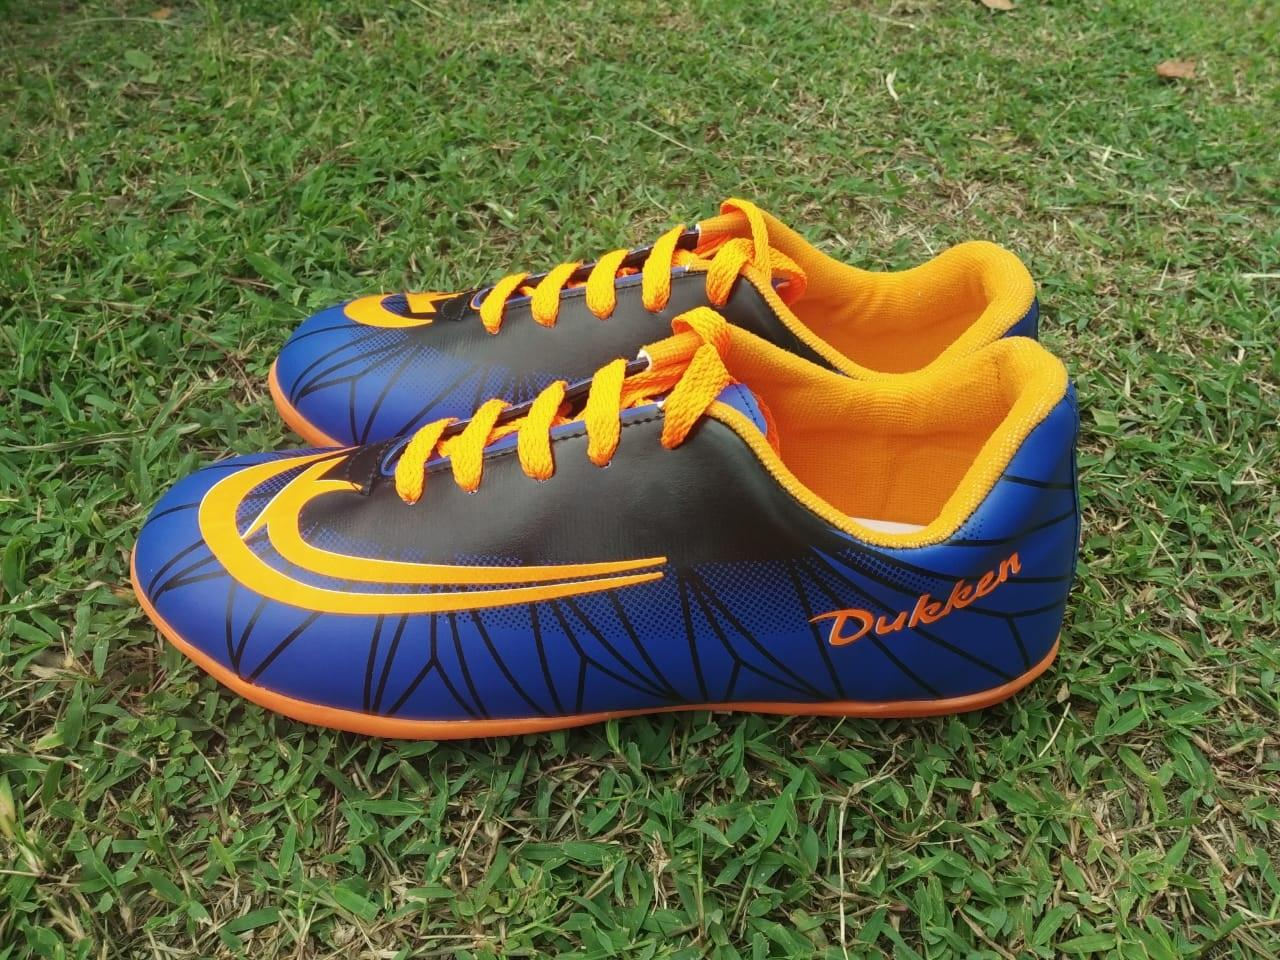 PROMO..!!! Sepatu FUTSAL Pria Murah Berqualitas Pria dan Wanita / Sepatu Bola Pria